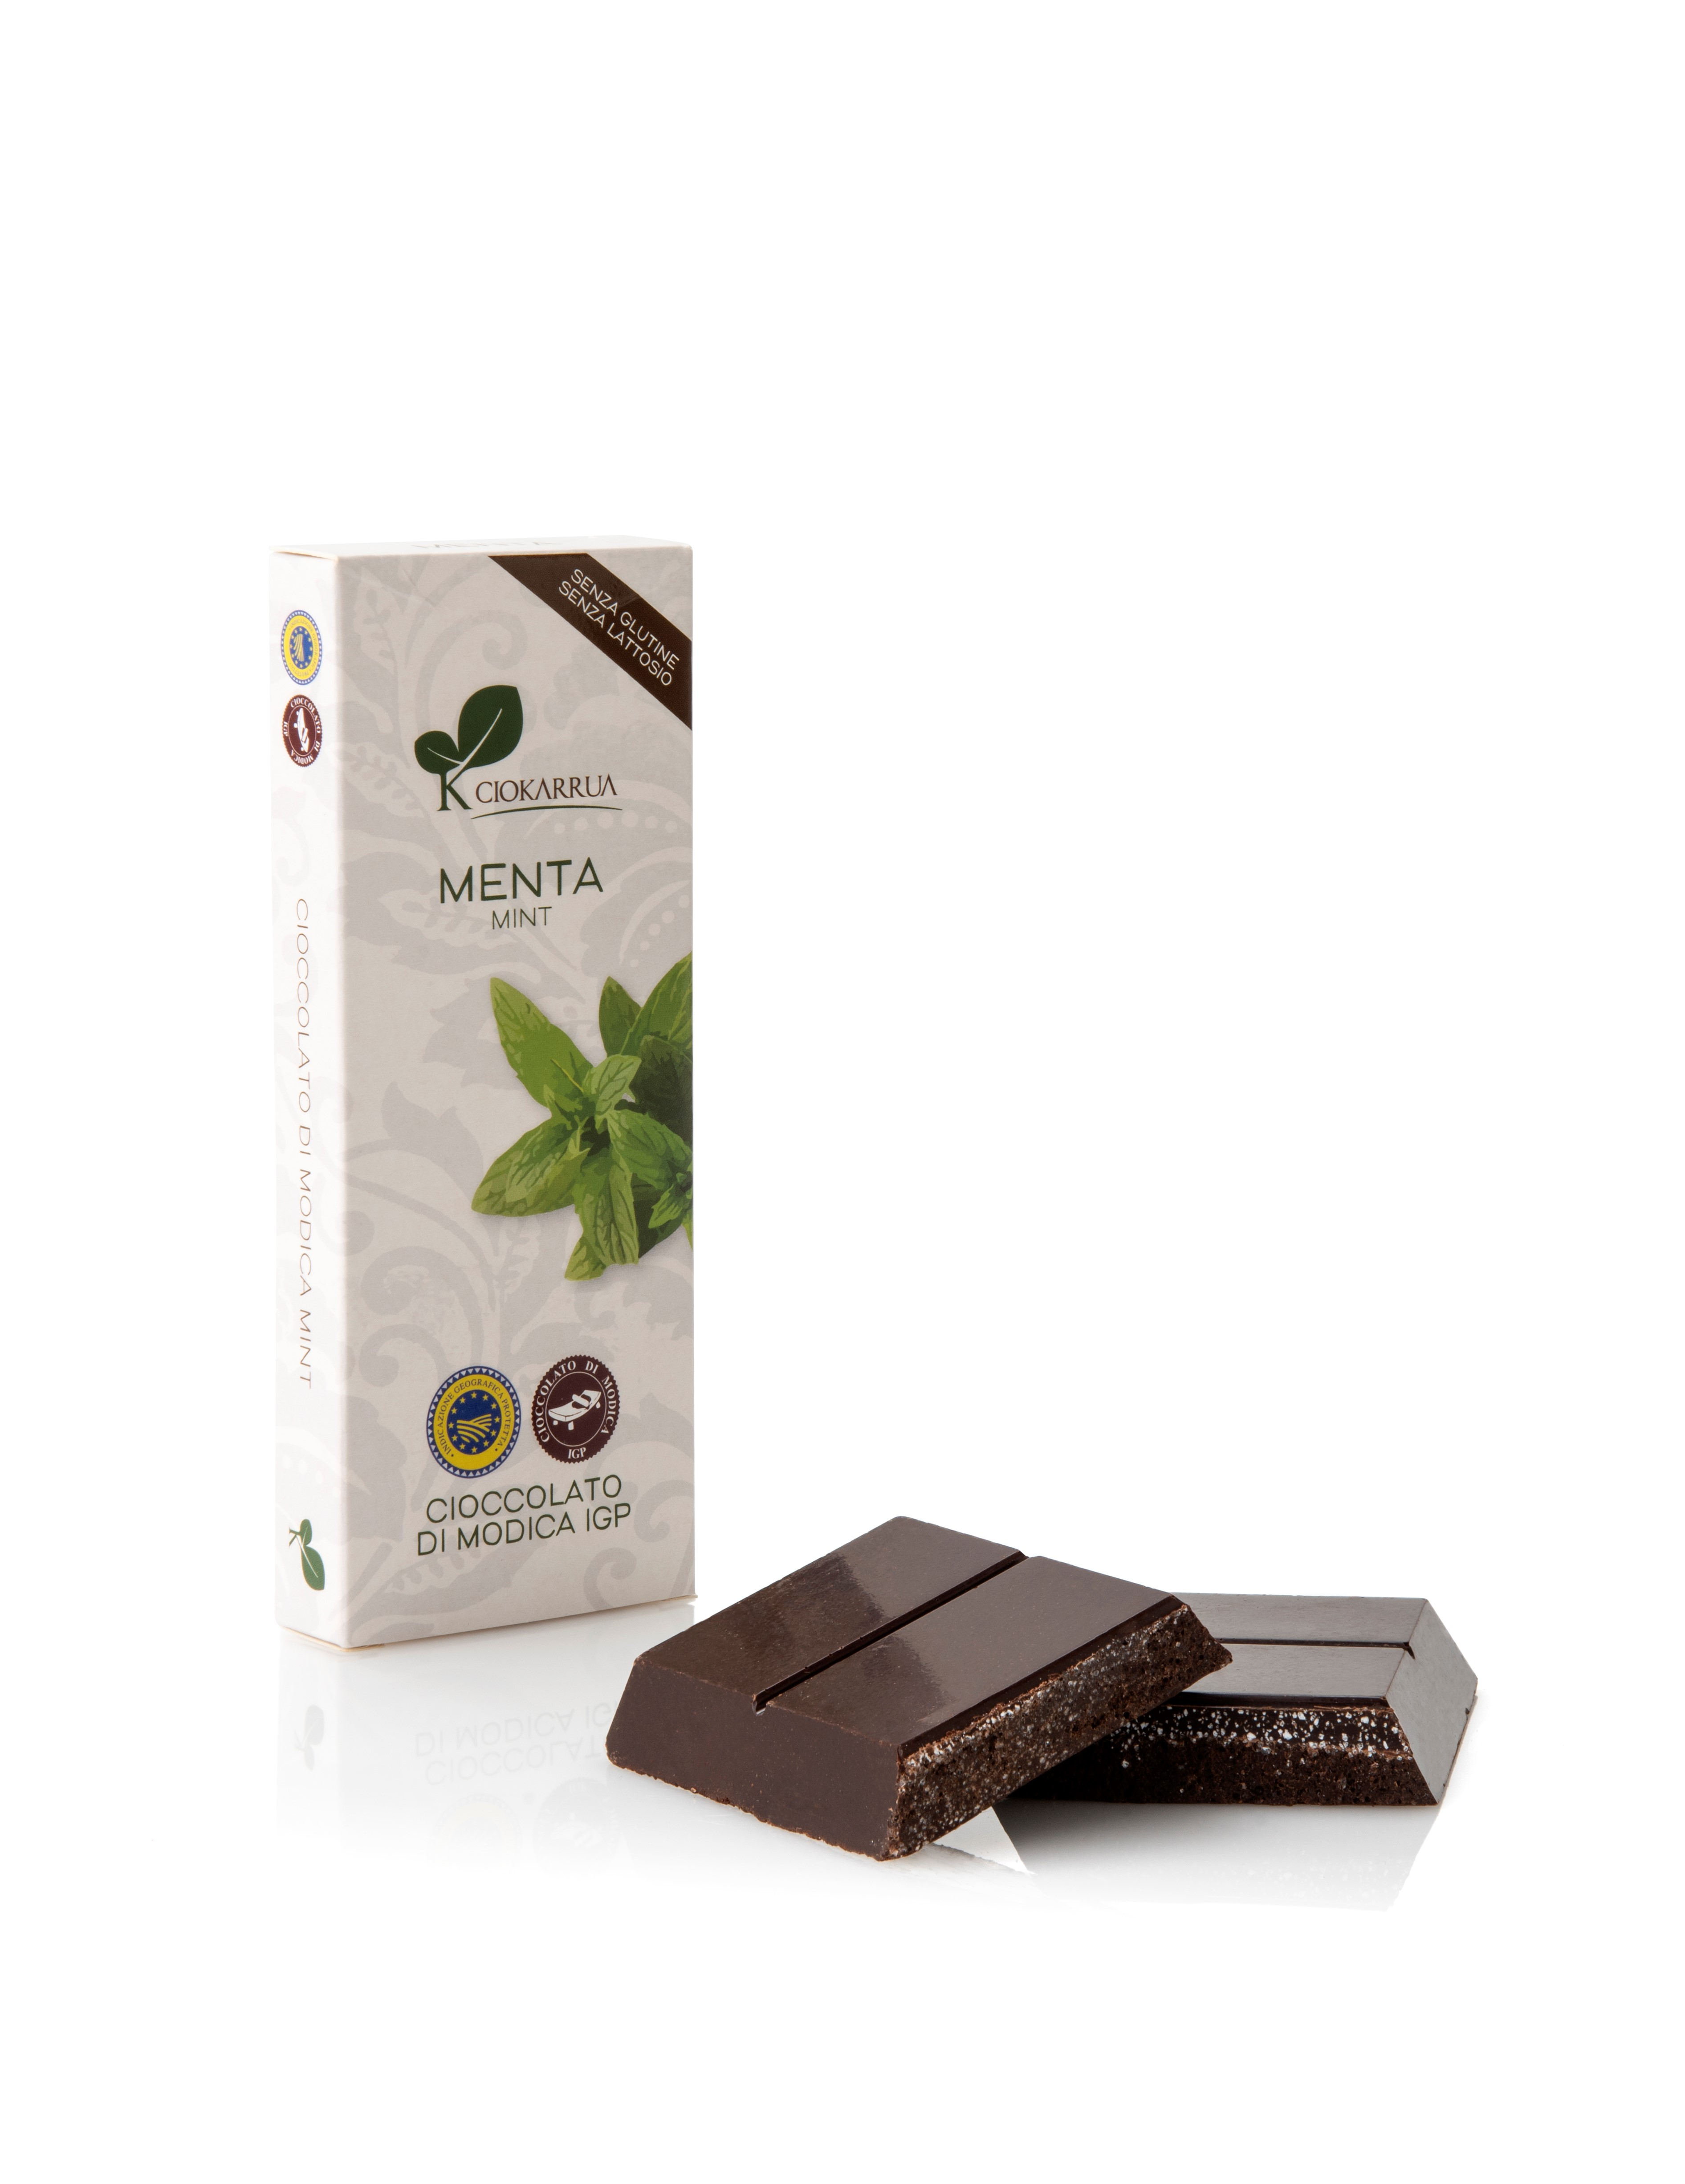 Ciocolata de Modica, Ciokarrua, aroma de menta, 50% cacao, 100 g1